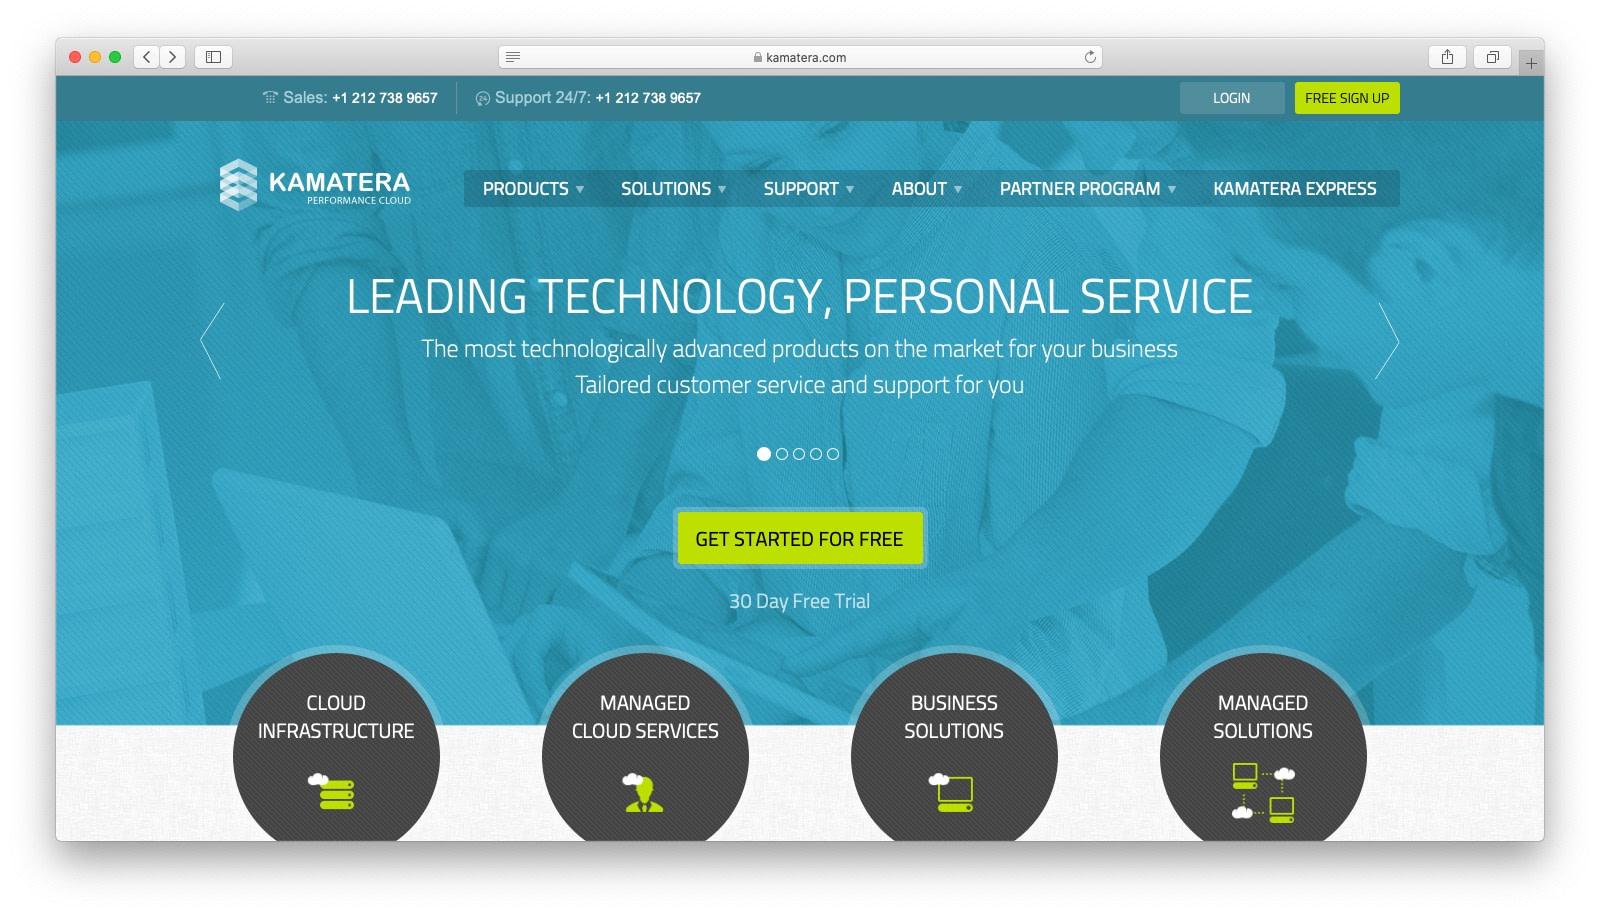 DigitalOcean alternatives: Kamatera